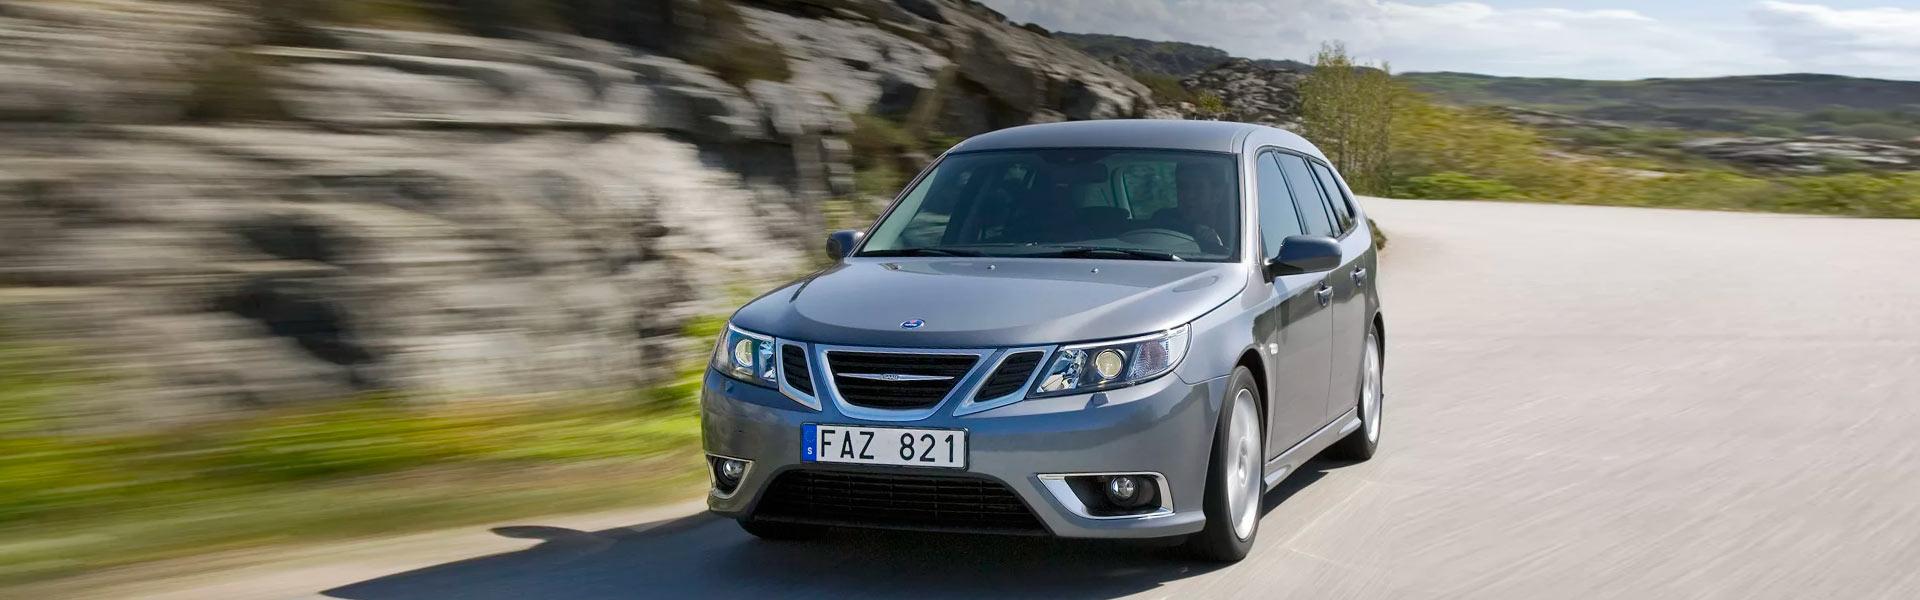 Замена топливного фильтра Saab